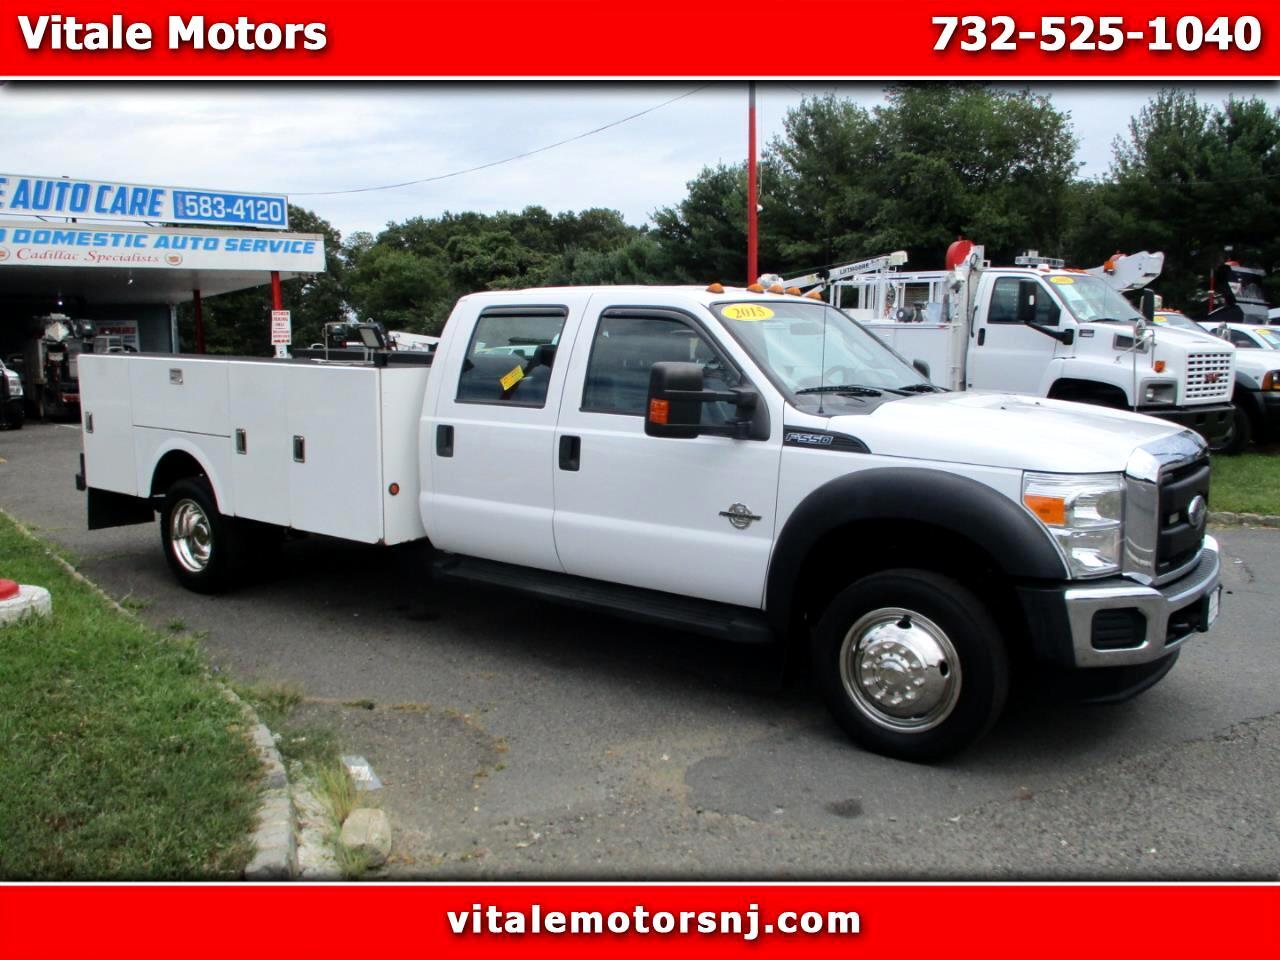 Used Cars South Amboy NJ | Used Cars & Trucks NJ | Vitale Motors